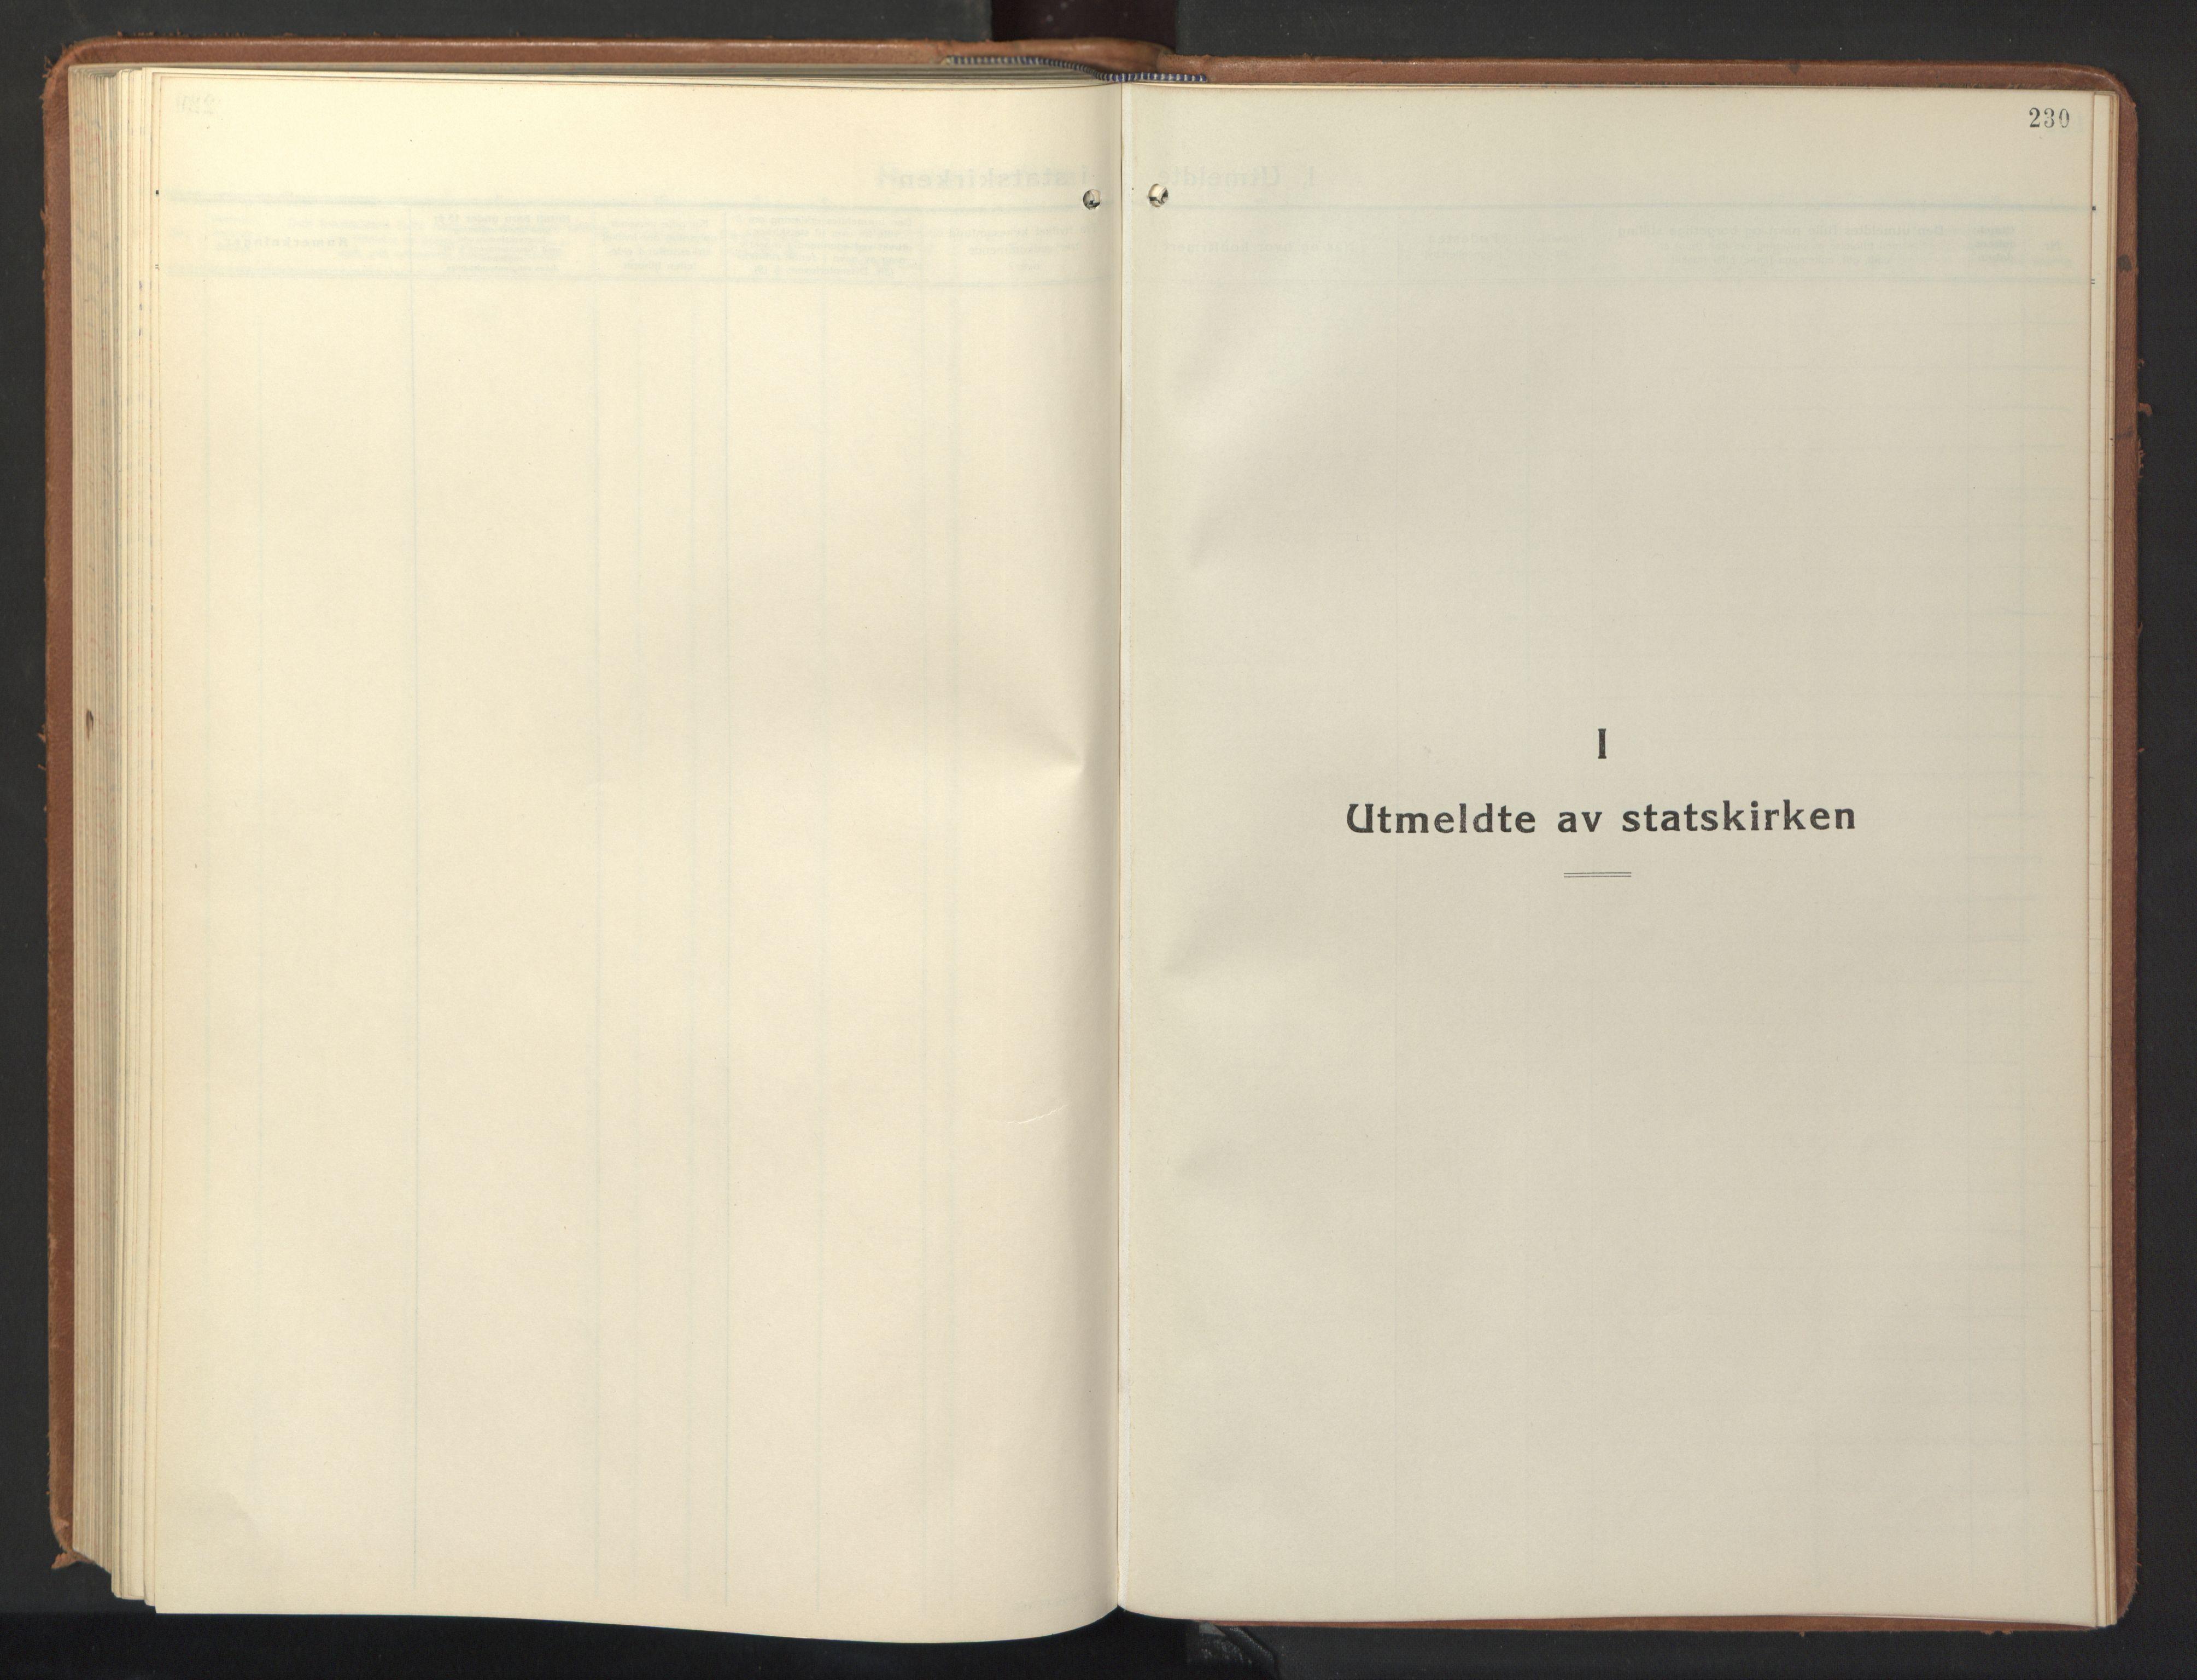 SAT, Ministerialprotokoller, klokkerbøker og fødselsregistre - Sør-Trøndelag, 640/L0590: Klokkerbok nr. 640C07, 1935-1948, s. 230